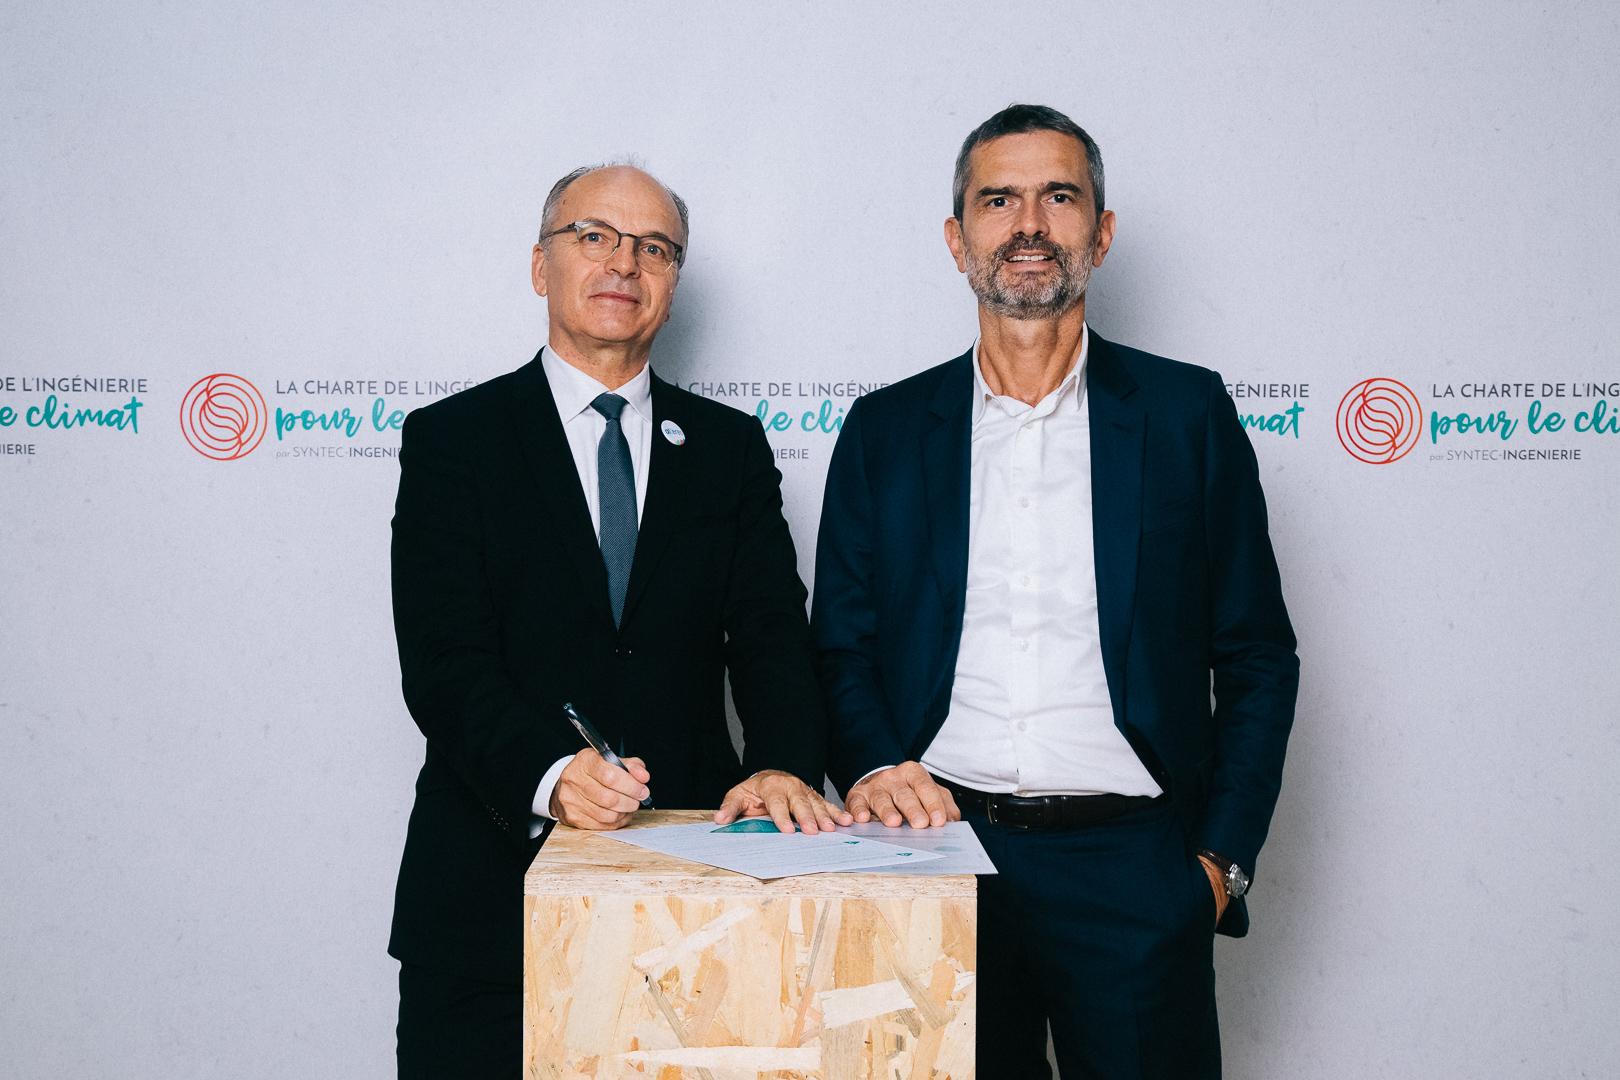 Altereo signe la Charte de l'ingénierie pour le Climat - Christian Laplaud PDG - Gilles Brunschwig DG © Sarah Bastin / Syntec-Ingénierie